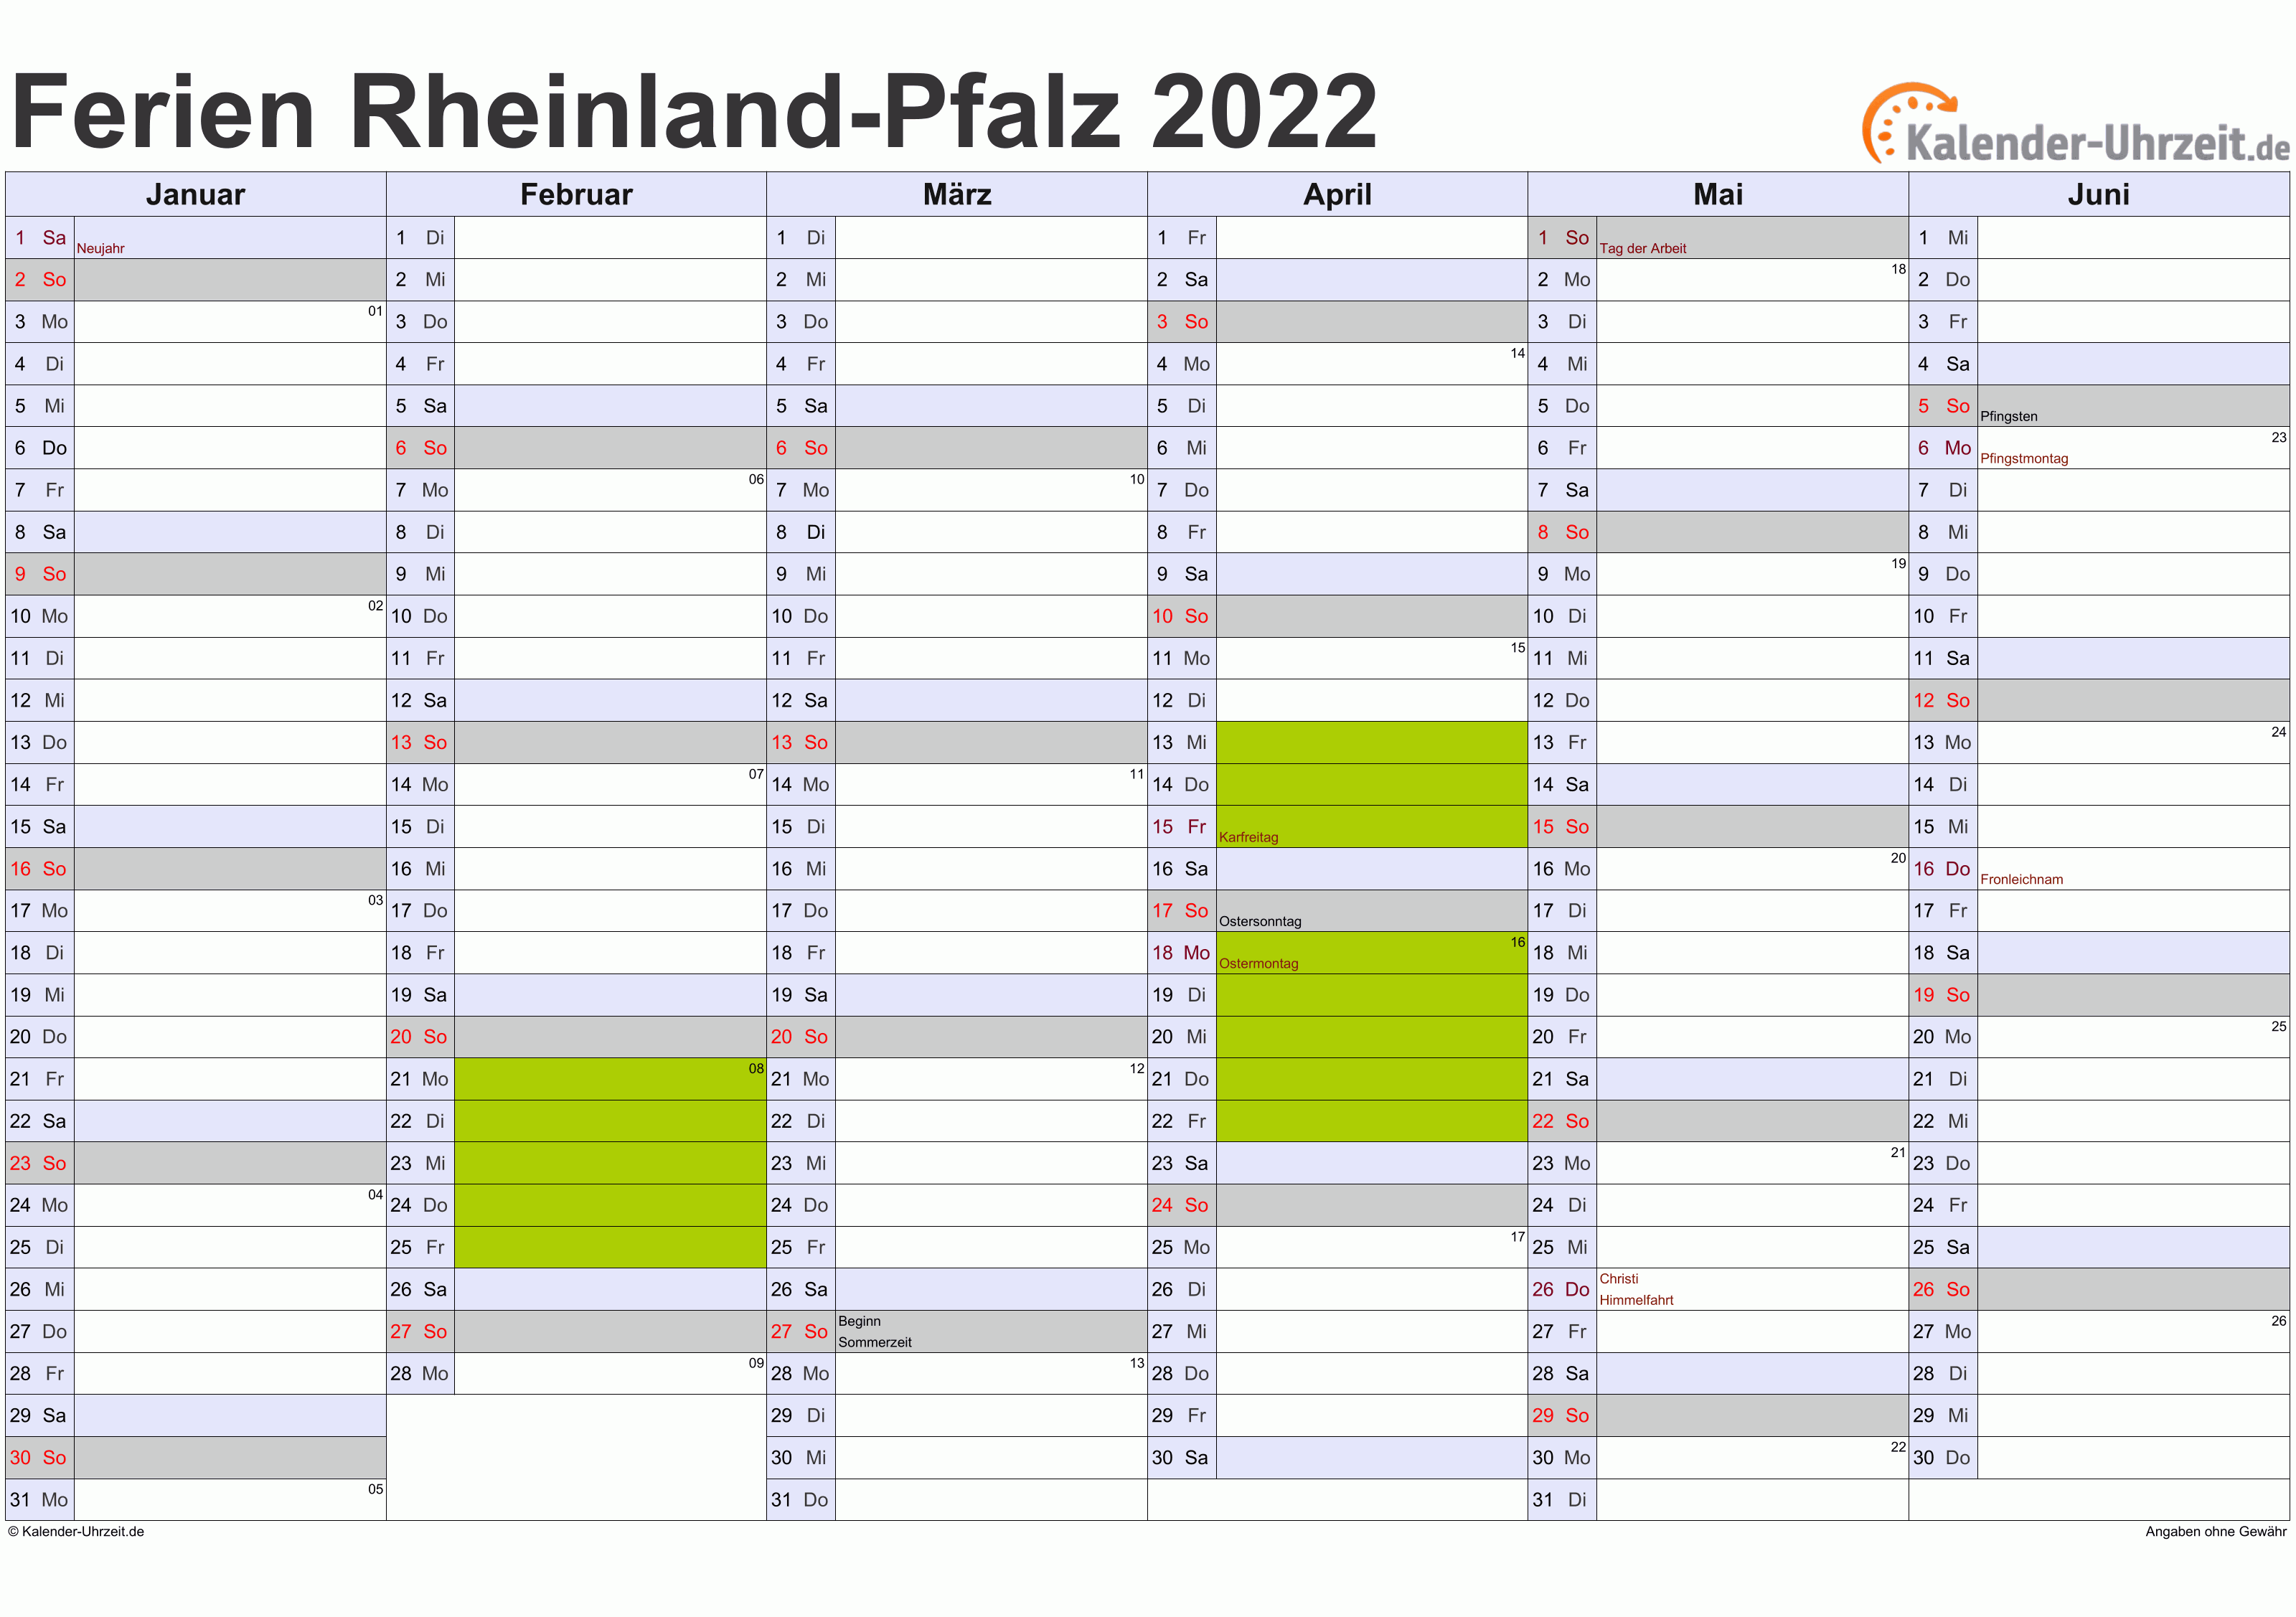 Ferien Rheinland-Pfalz 2022 - Ferienkalender zum Ausdrucken